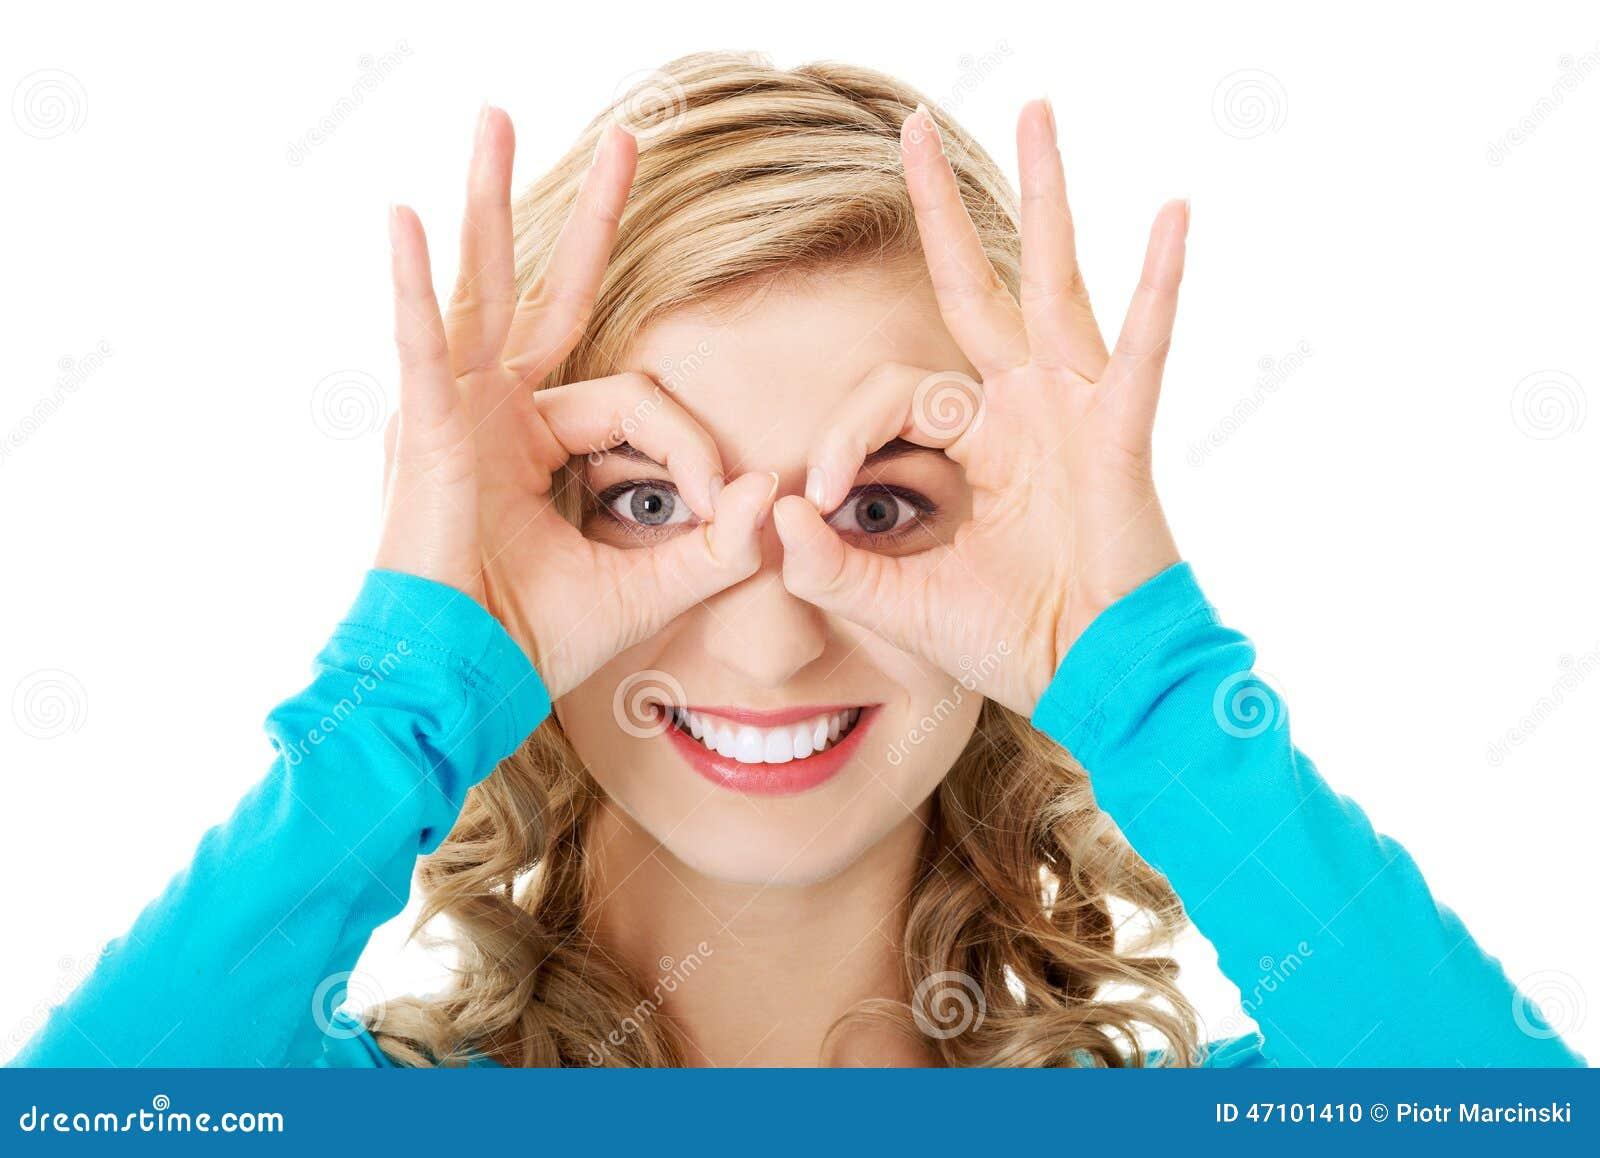 Porträt einer Frau, die okayzeichen auf Augen zeigt